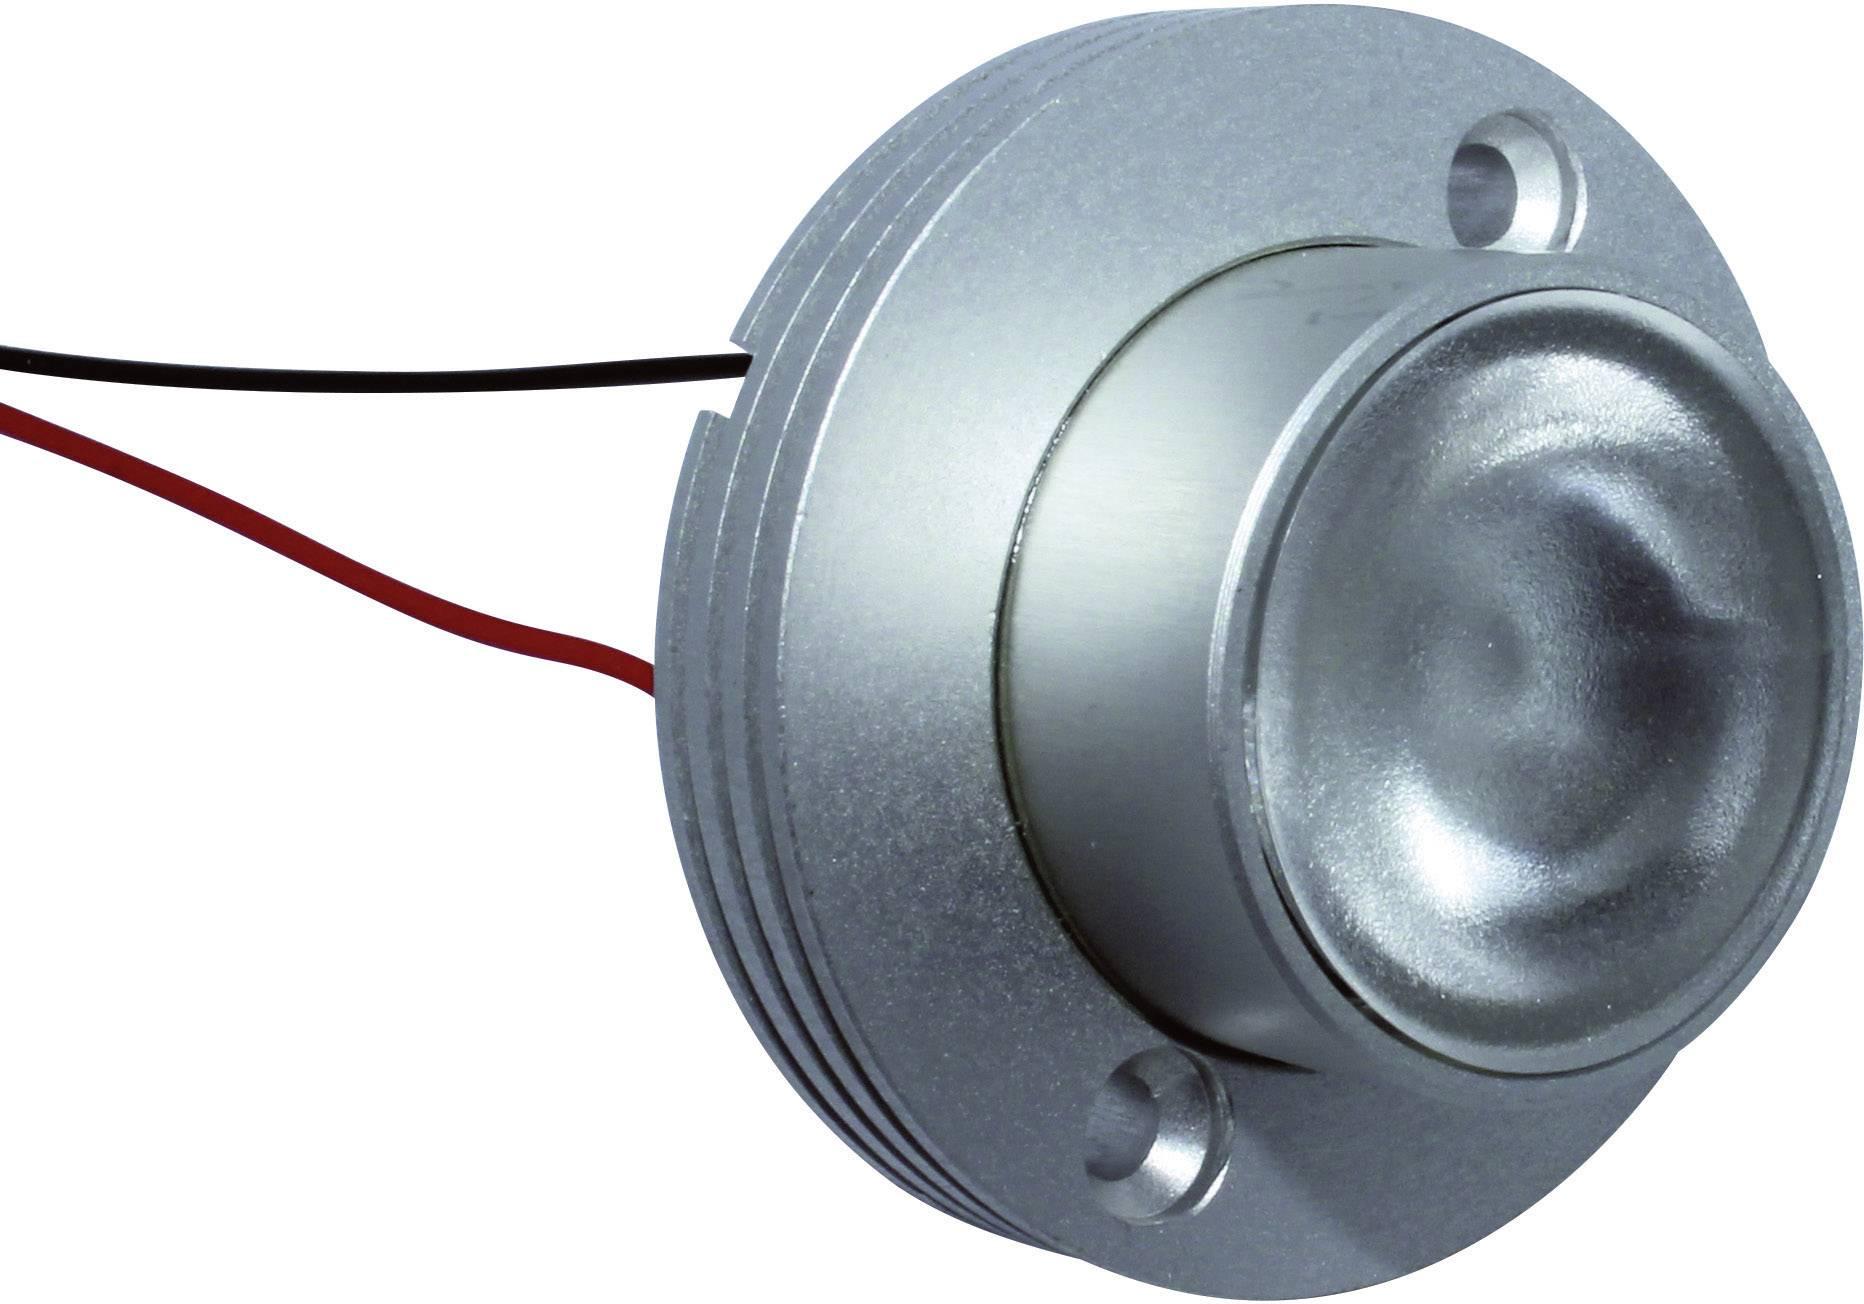 HighPower LED-spot Signal Construct QAUR1351L030, 30 °, 100 lm, 1 W, 3.3 V, teplá biela